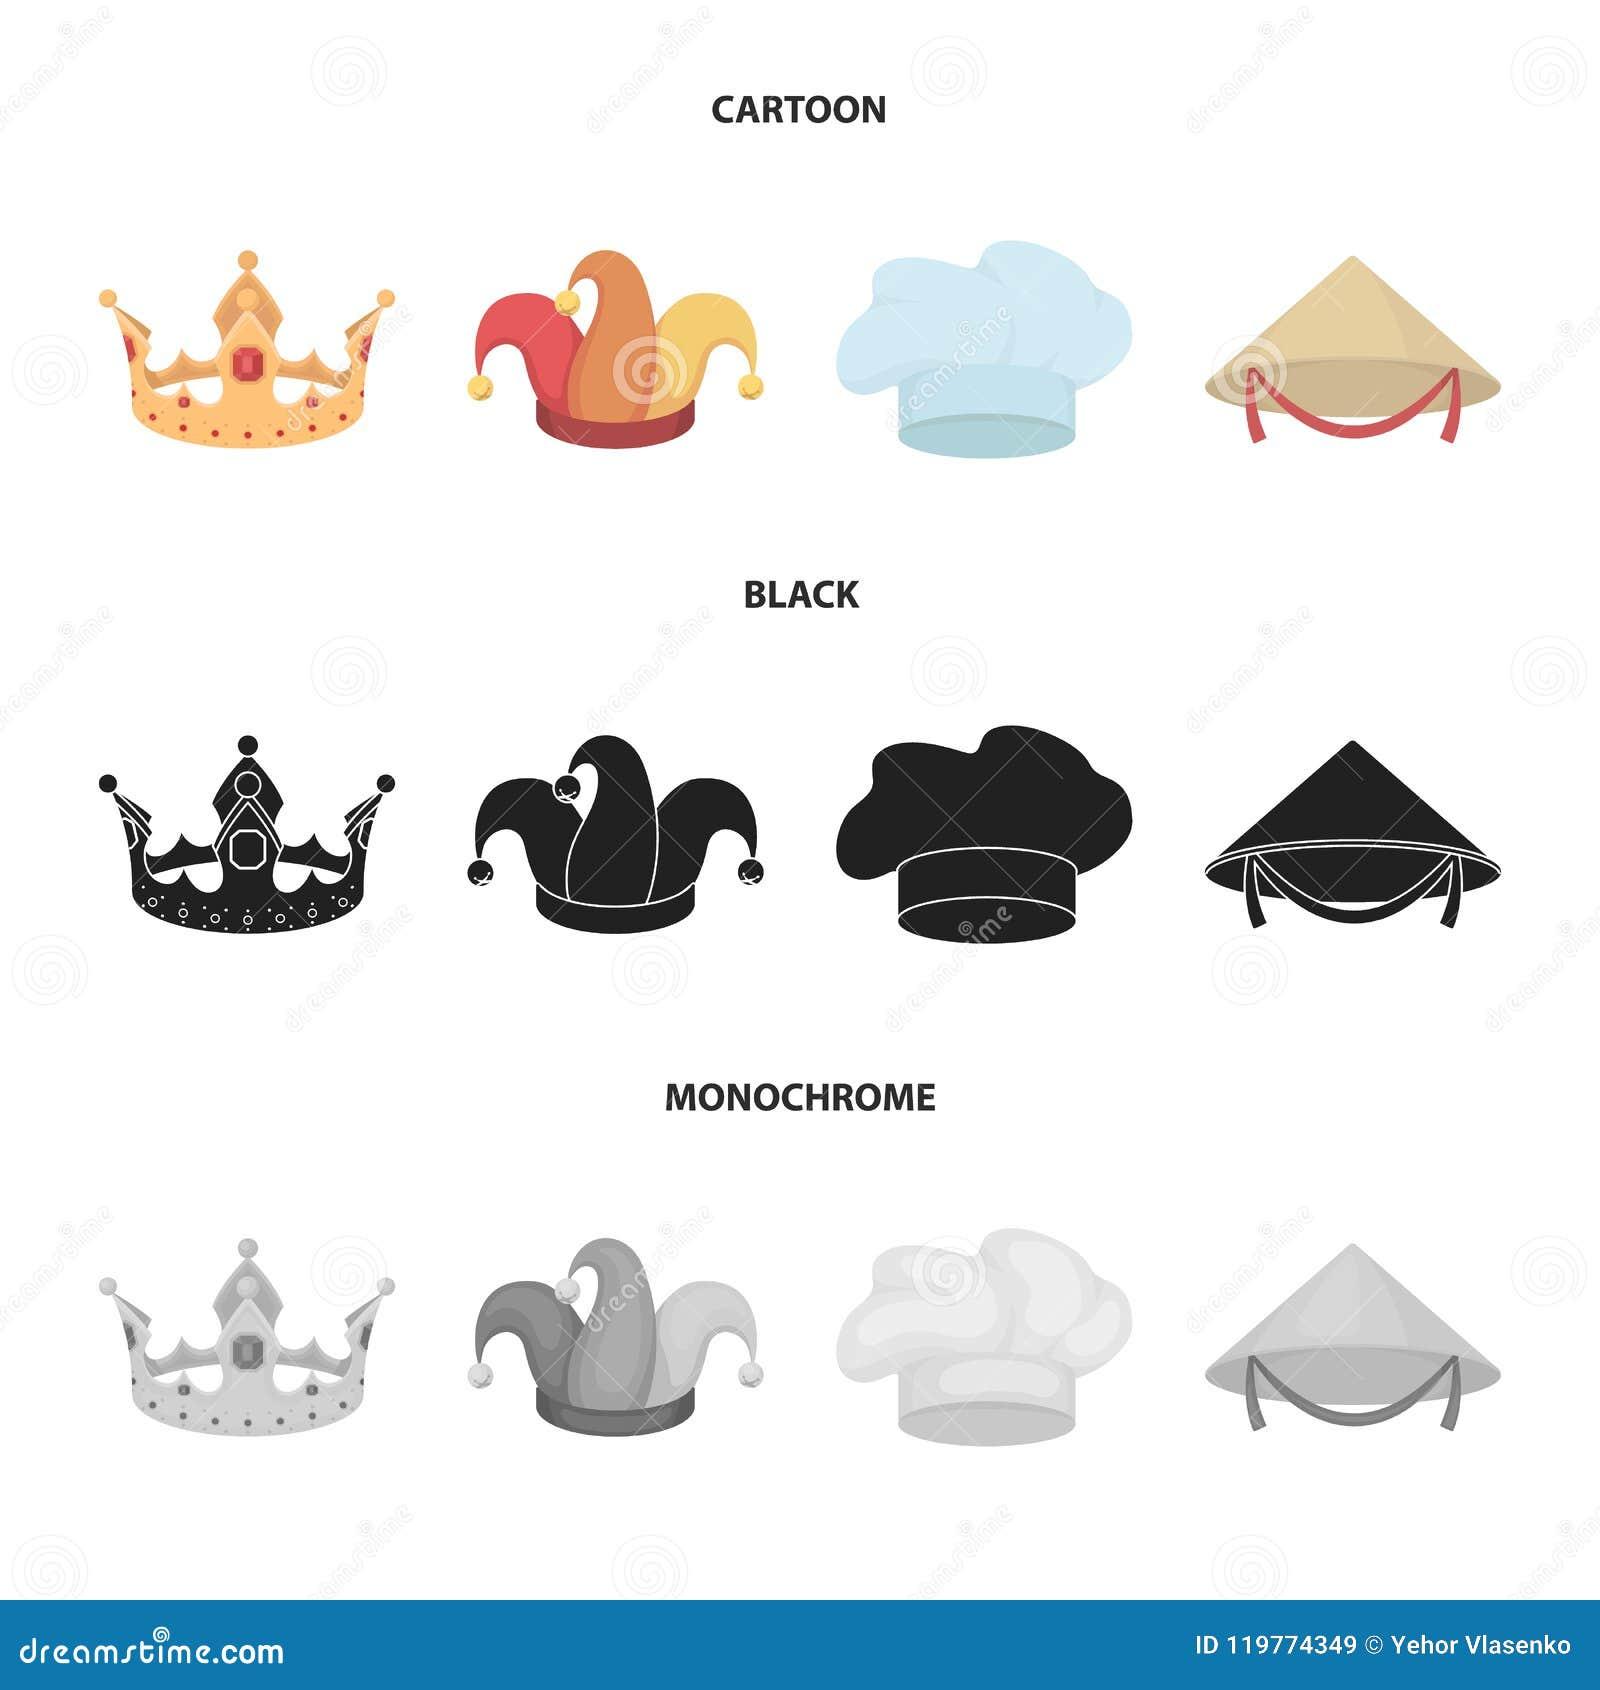 Krönen Sie, Spaßvogelkappe, Koch, Kegel Hüte stellten Sammlungsikonen in der Karikatur, Schwarzes, einfarbiger Artvektor-Symbolvo